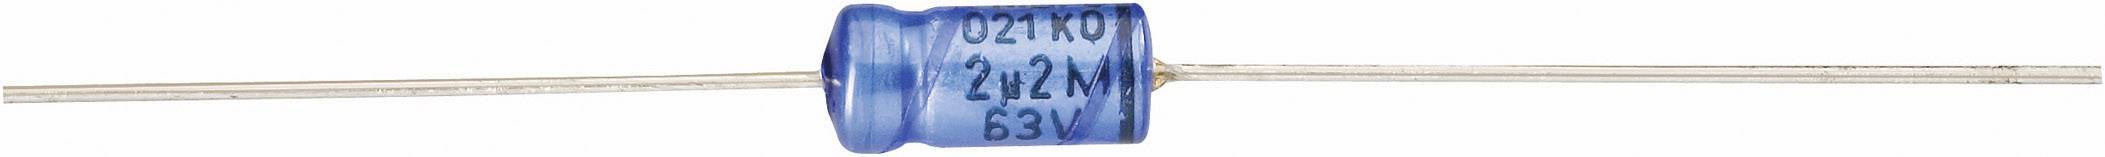 Elektrolytický kondenzátor Vishay 2222 021 38108, axiálne vývody, 1 µF, 63 V, 20 %, 1 ks